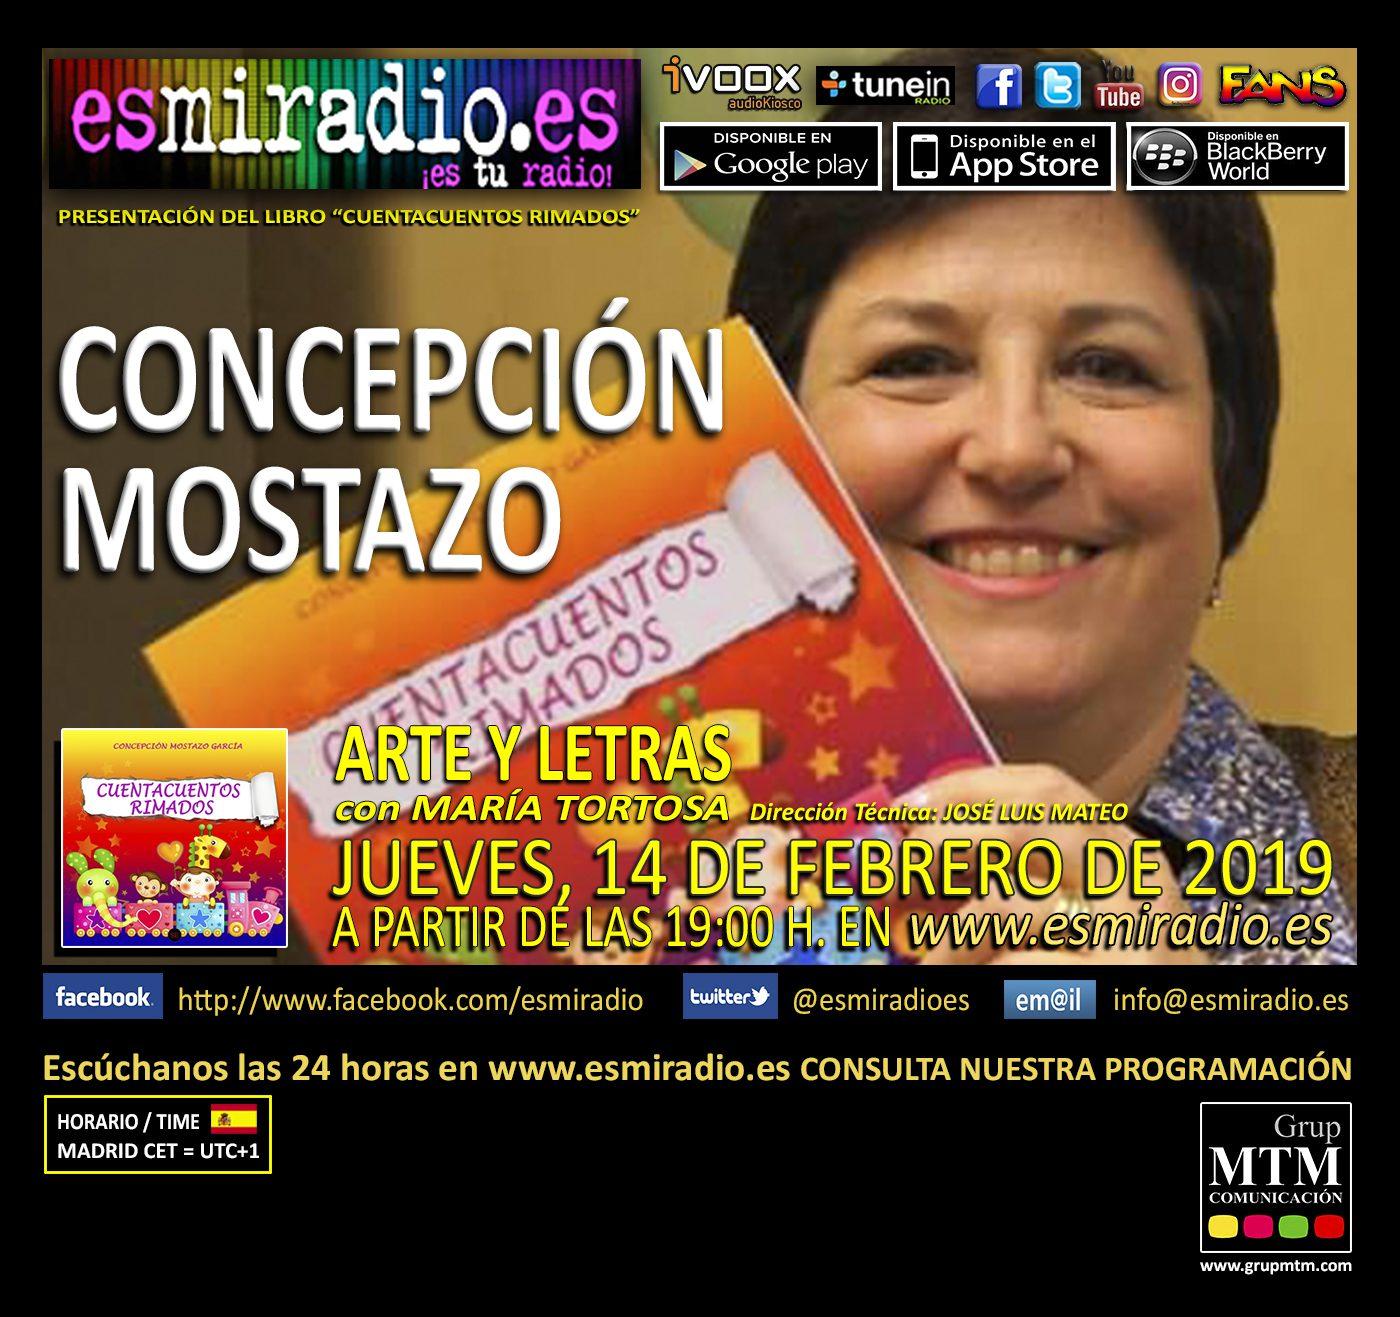 Cuentacuentos Rimados – Concepción Mostazo García